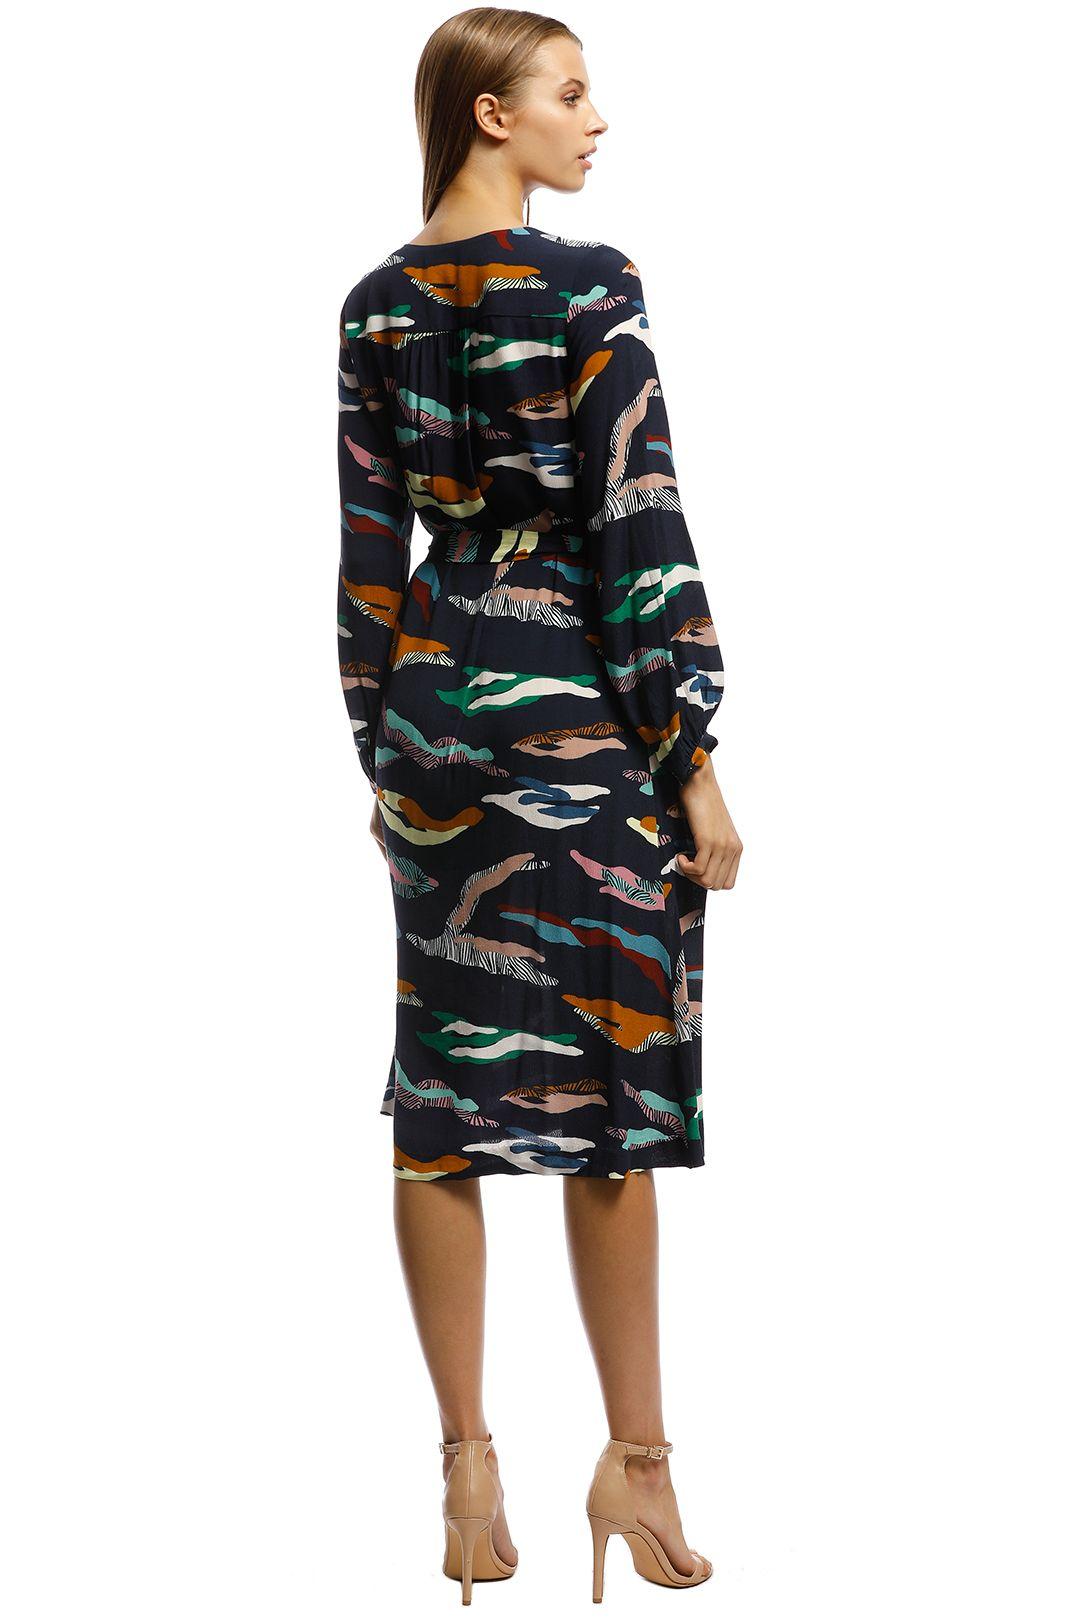 Gorman - Tora Dress - Blue print - Back